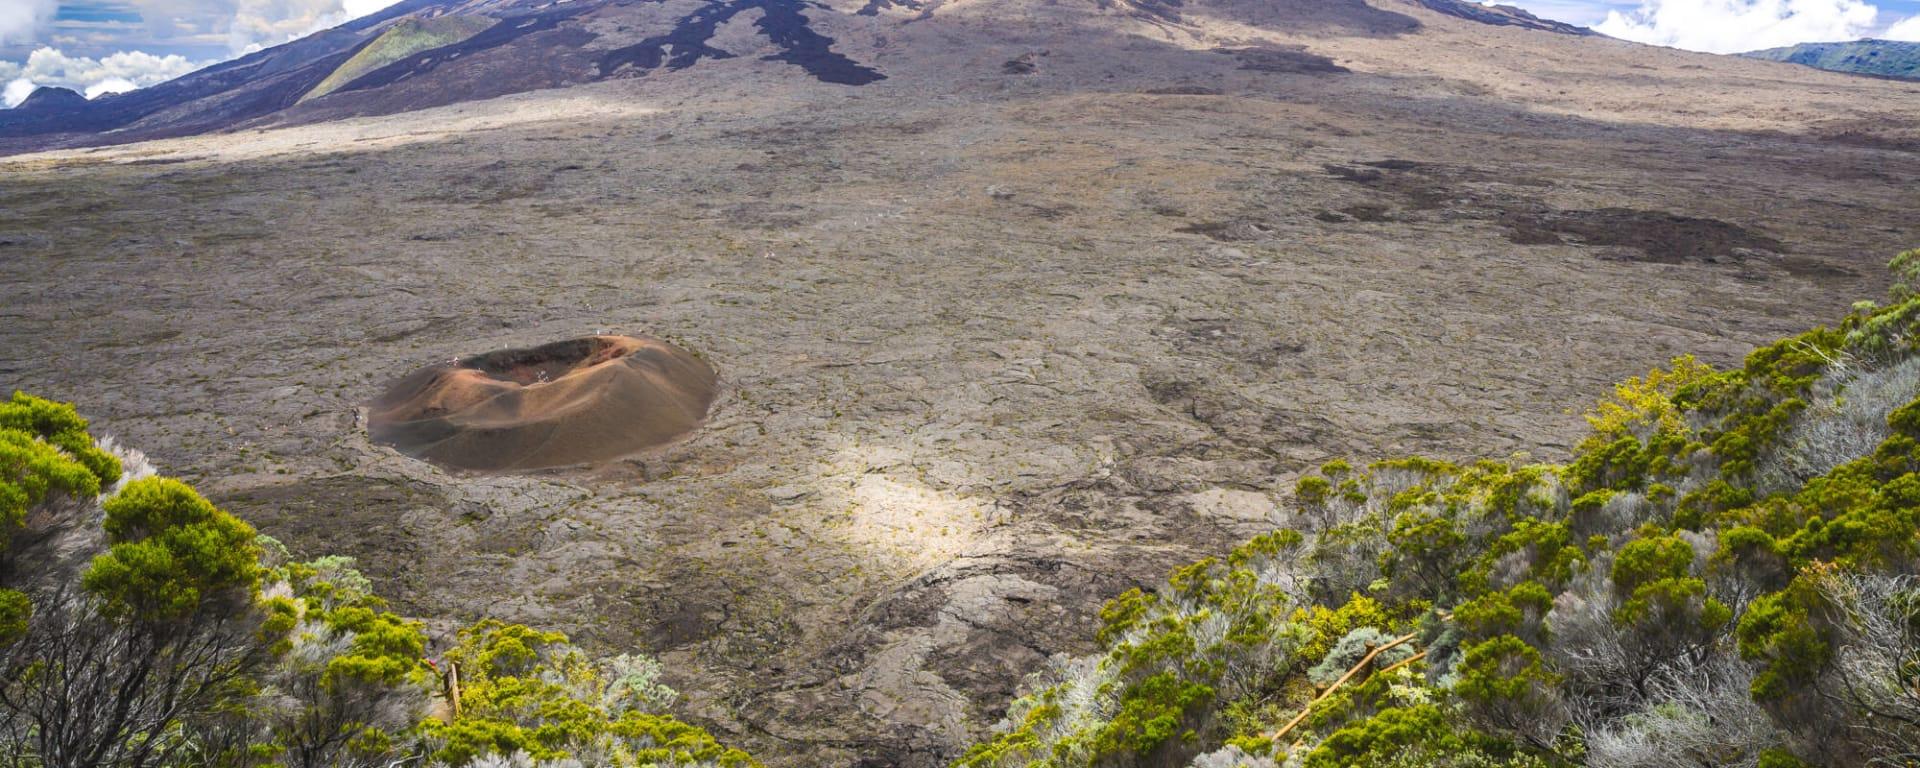 Der Vulkan, EN, Ganztägig in Zentral La Réunion: Réunion Piton de la Fournaise